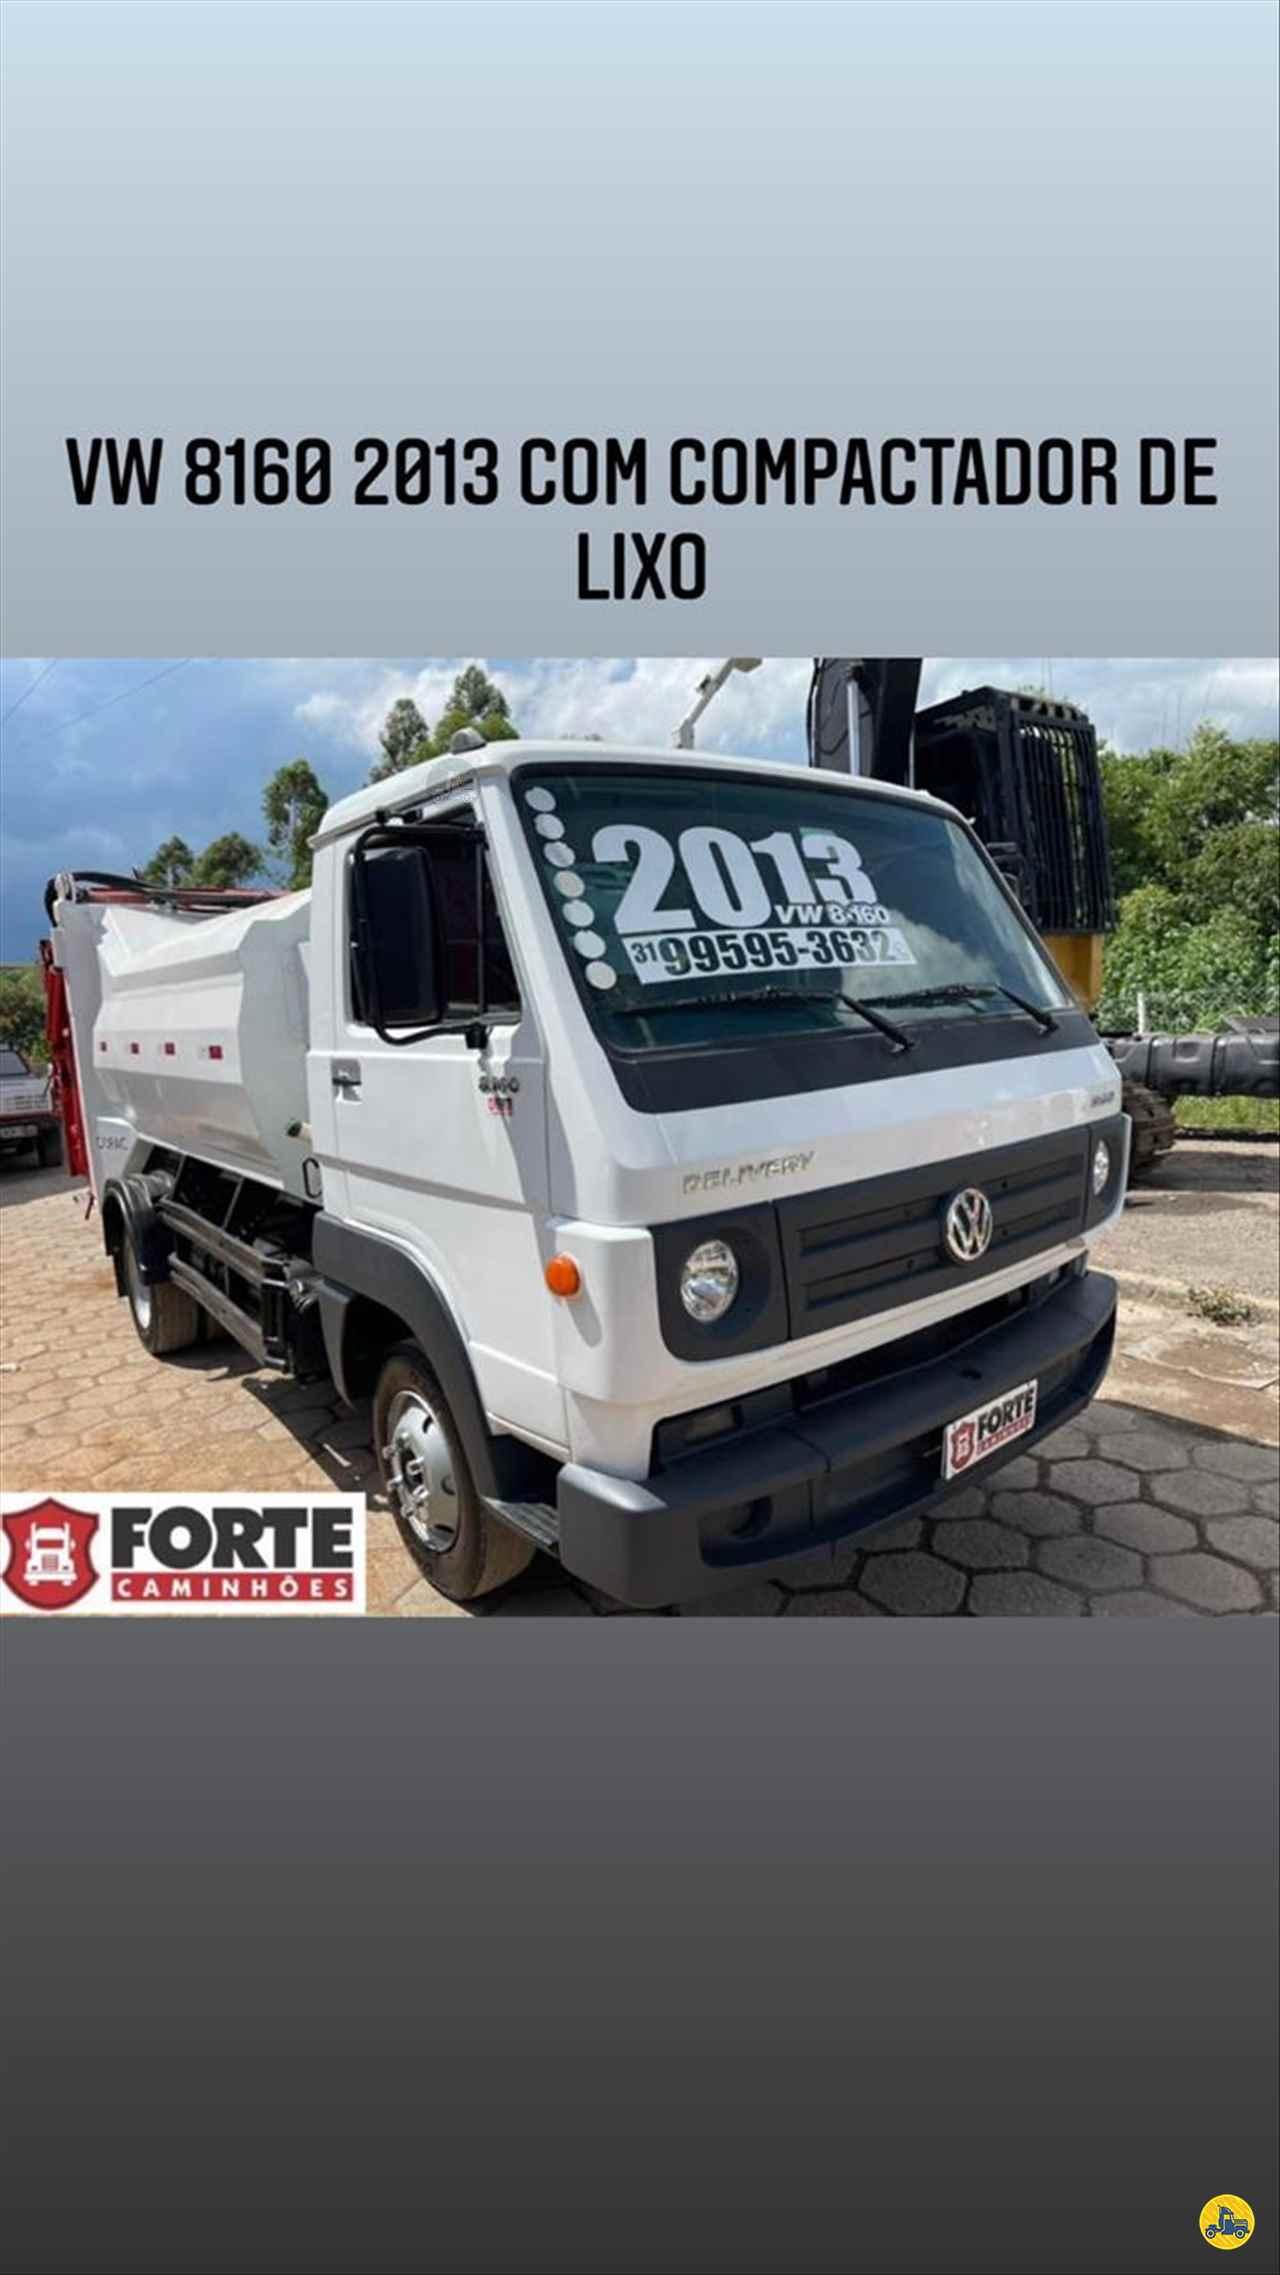 CAMINHAO VOLKSWAGEN VW 8160 Coletor de Lixo 3/4 4x2 Forte Caminhões MG JOAO MONLEVADE MINAS GERAIS MG